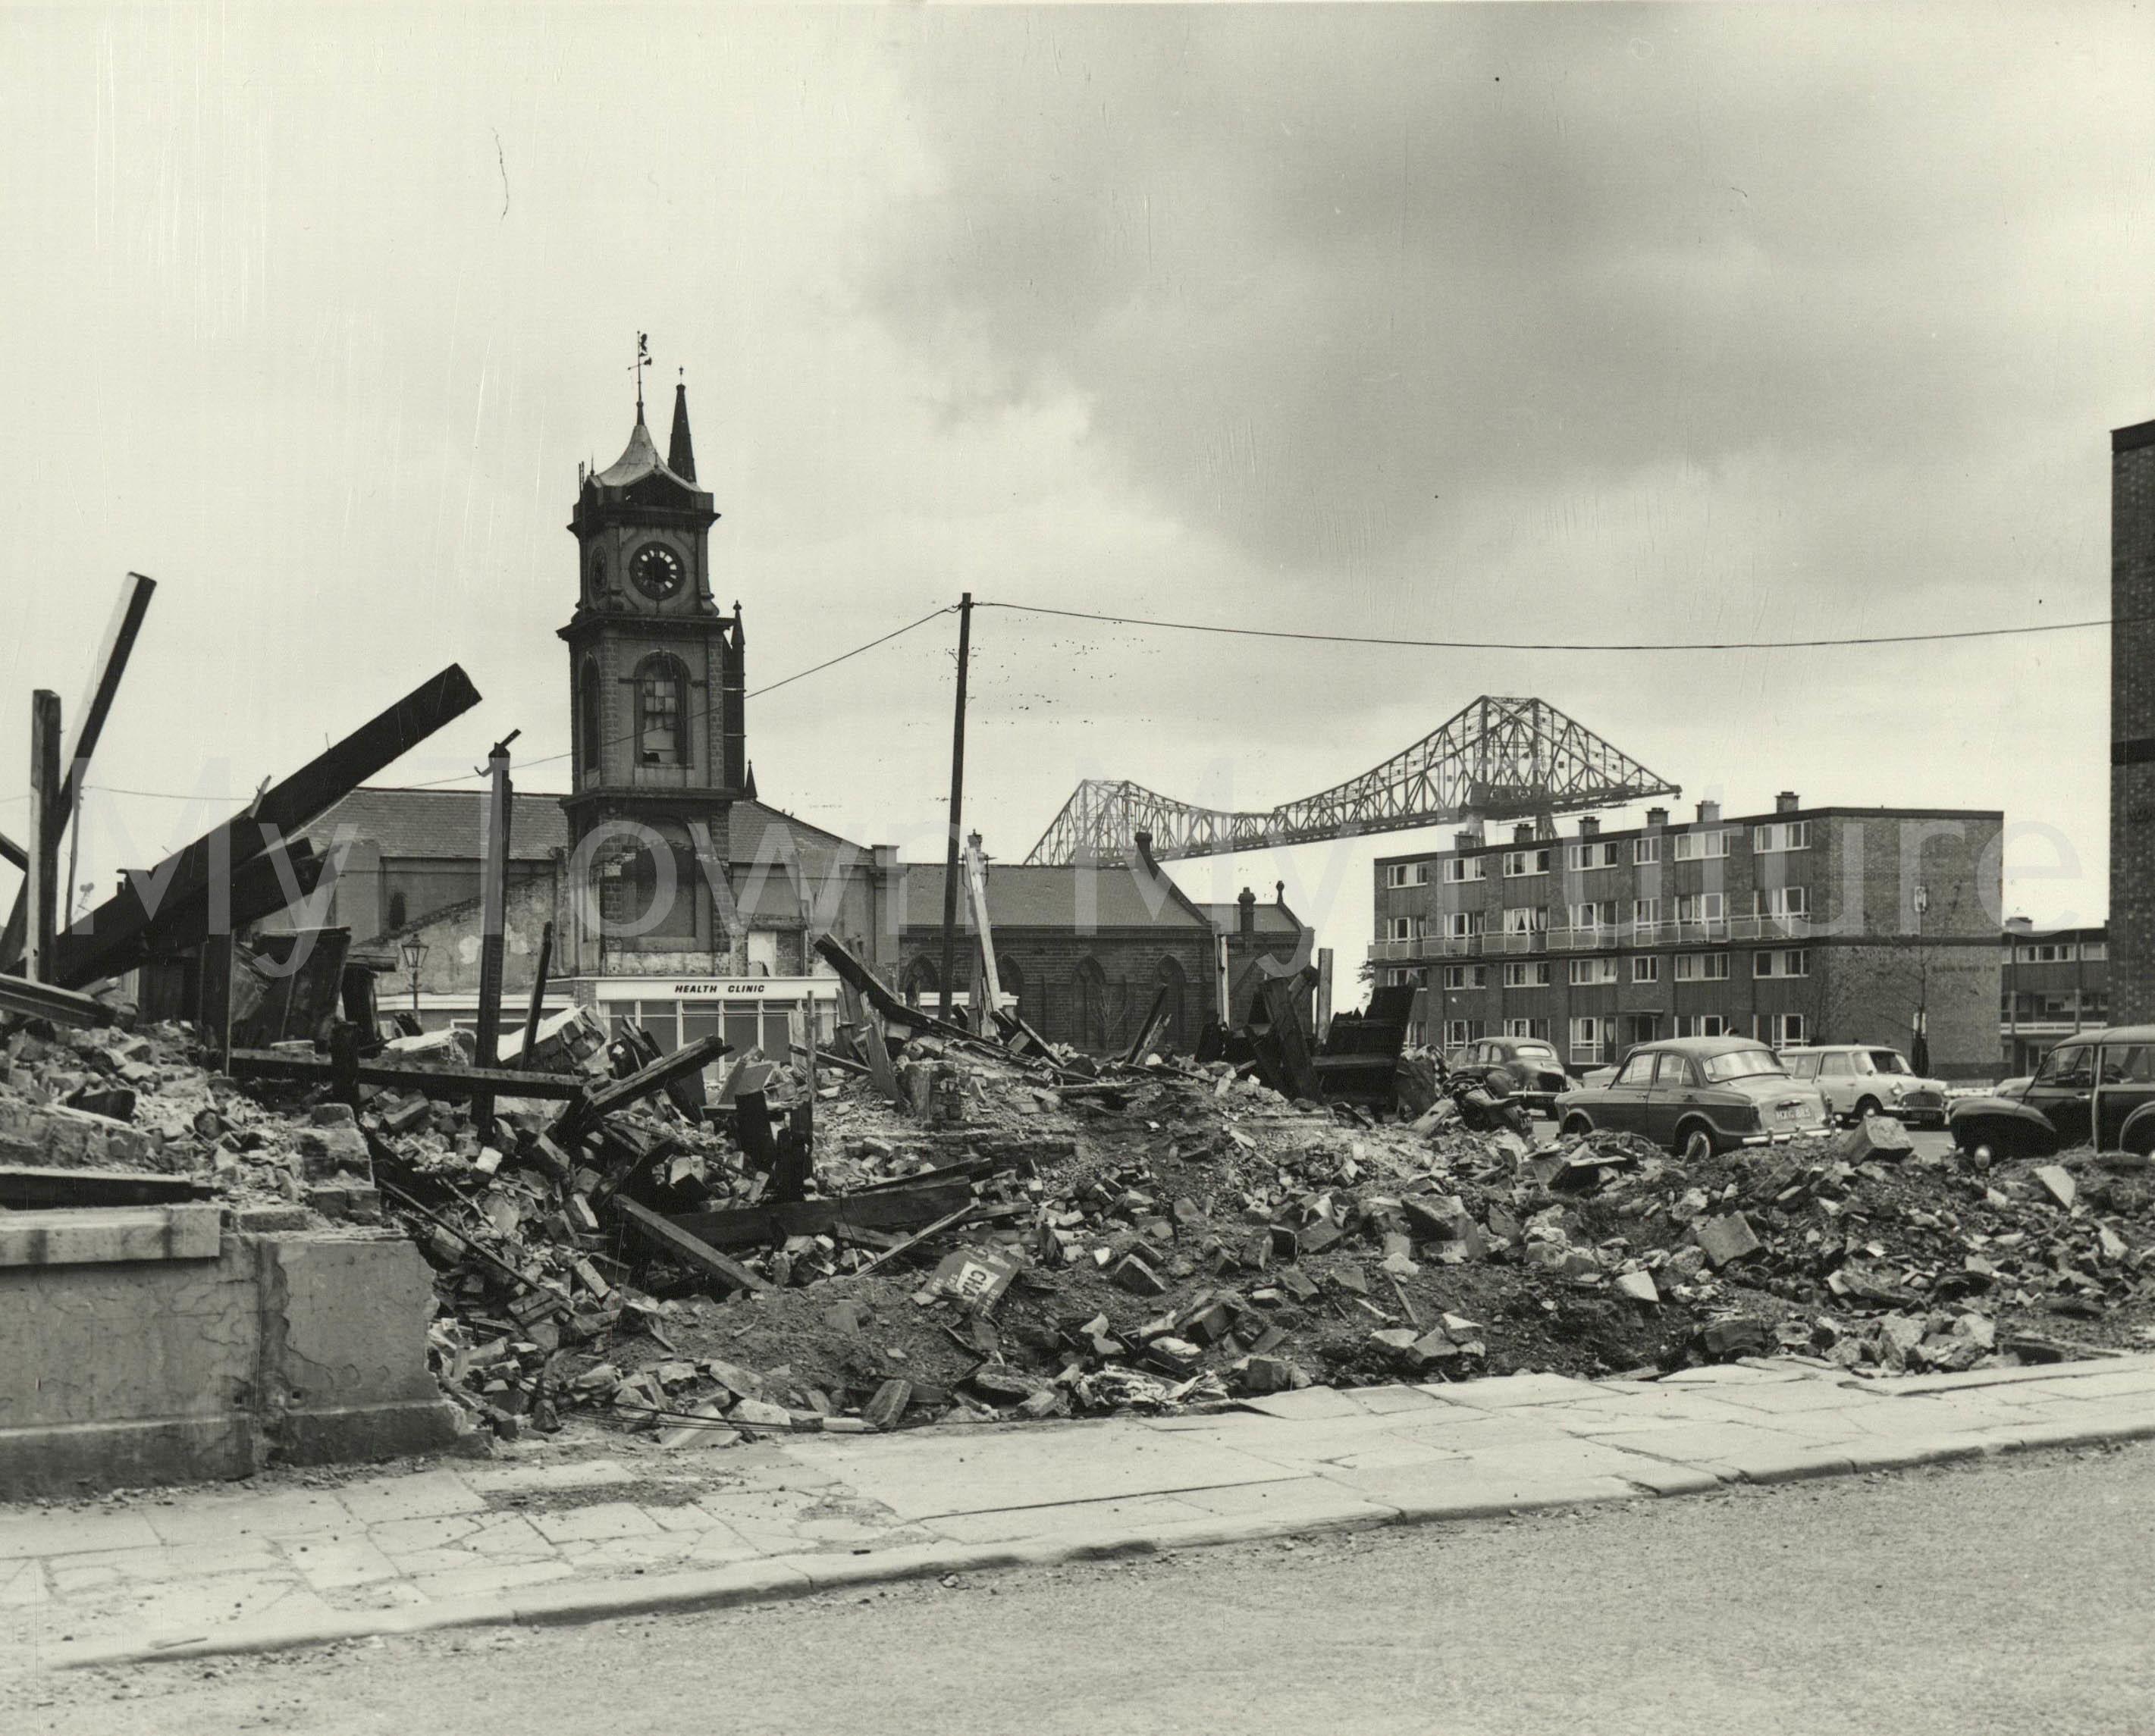 Suffield Street Demolition